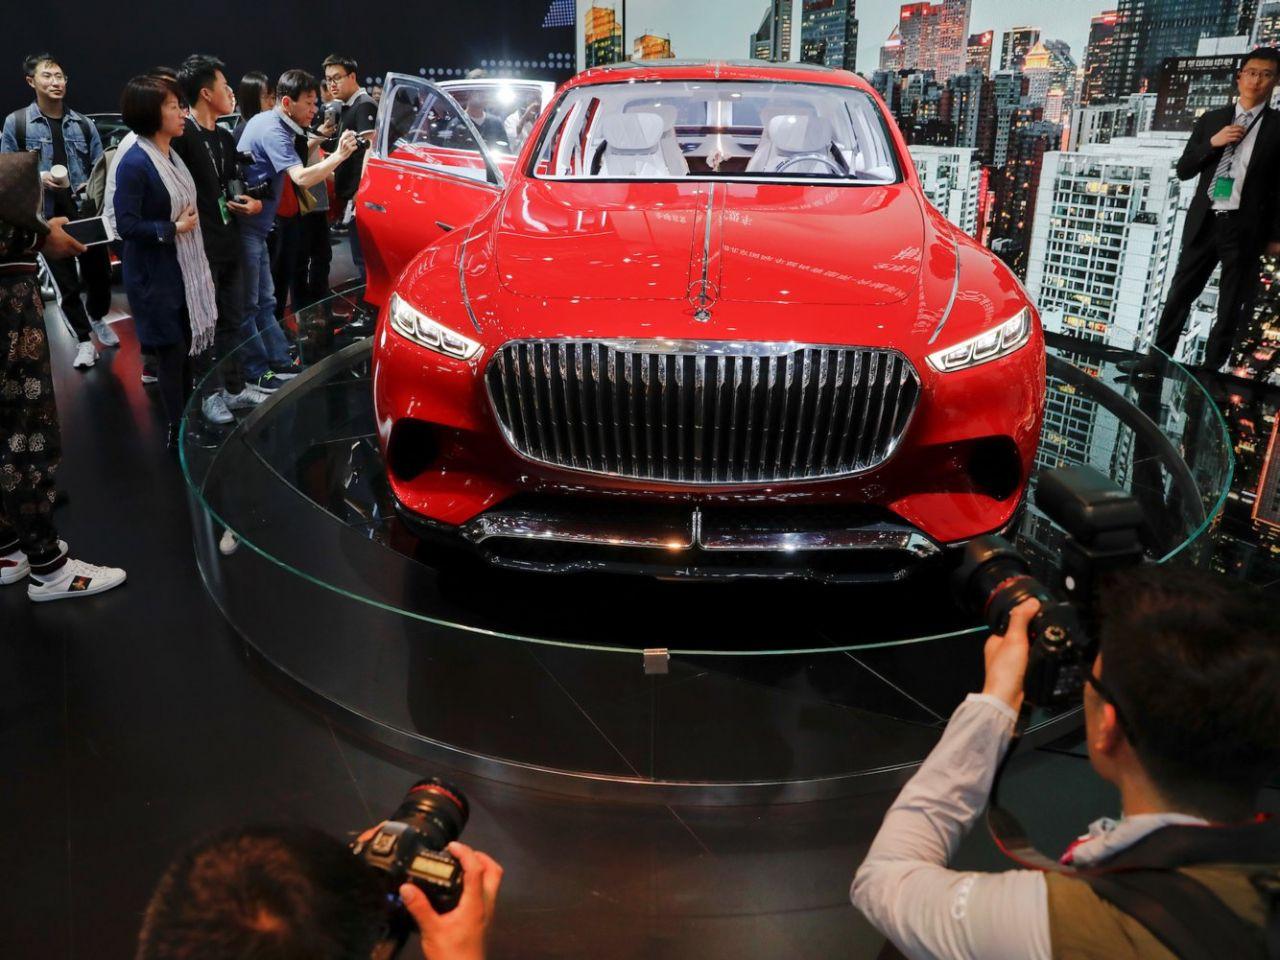 Pekin Otomobil Fuarı'nda sergilenen etkileyici otomobiller! - Page 3